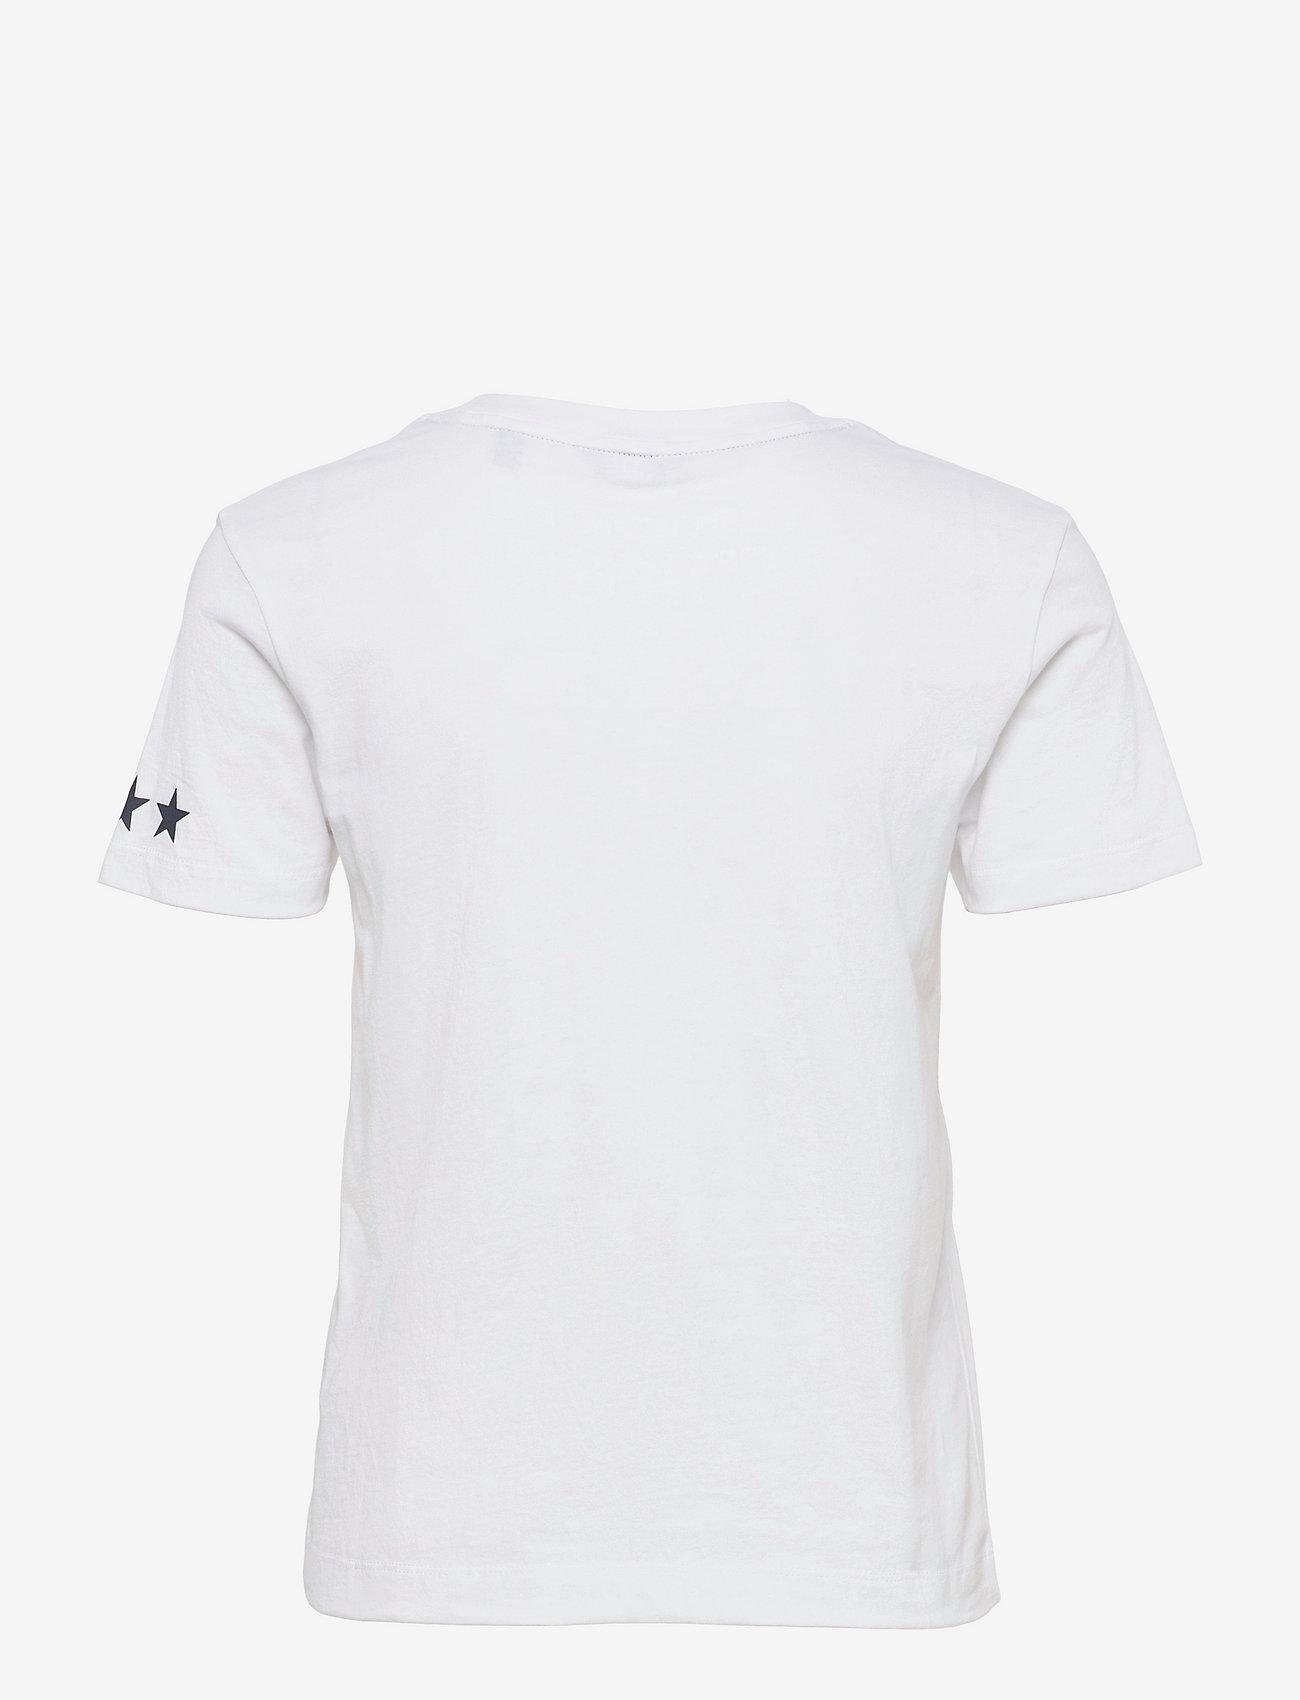 GANT - D2.GANT RETRO SHIELD SS T-SHIRT - t-shirts - white - 1